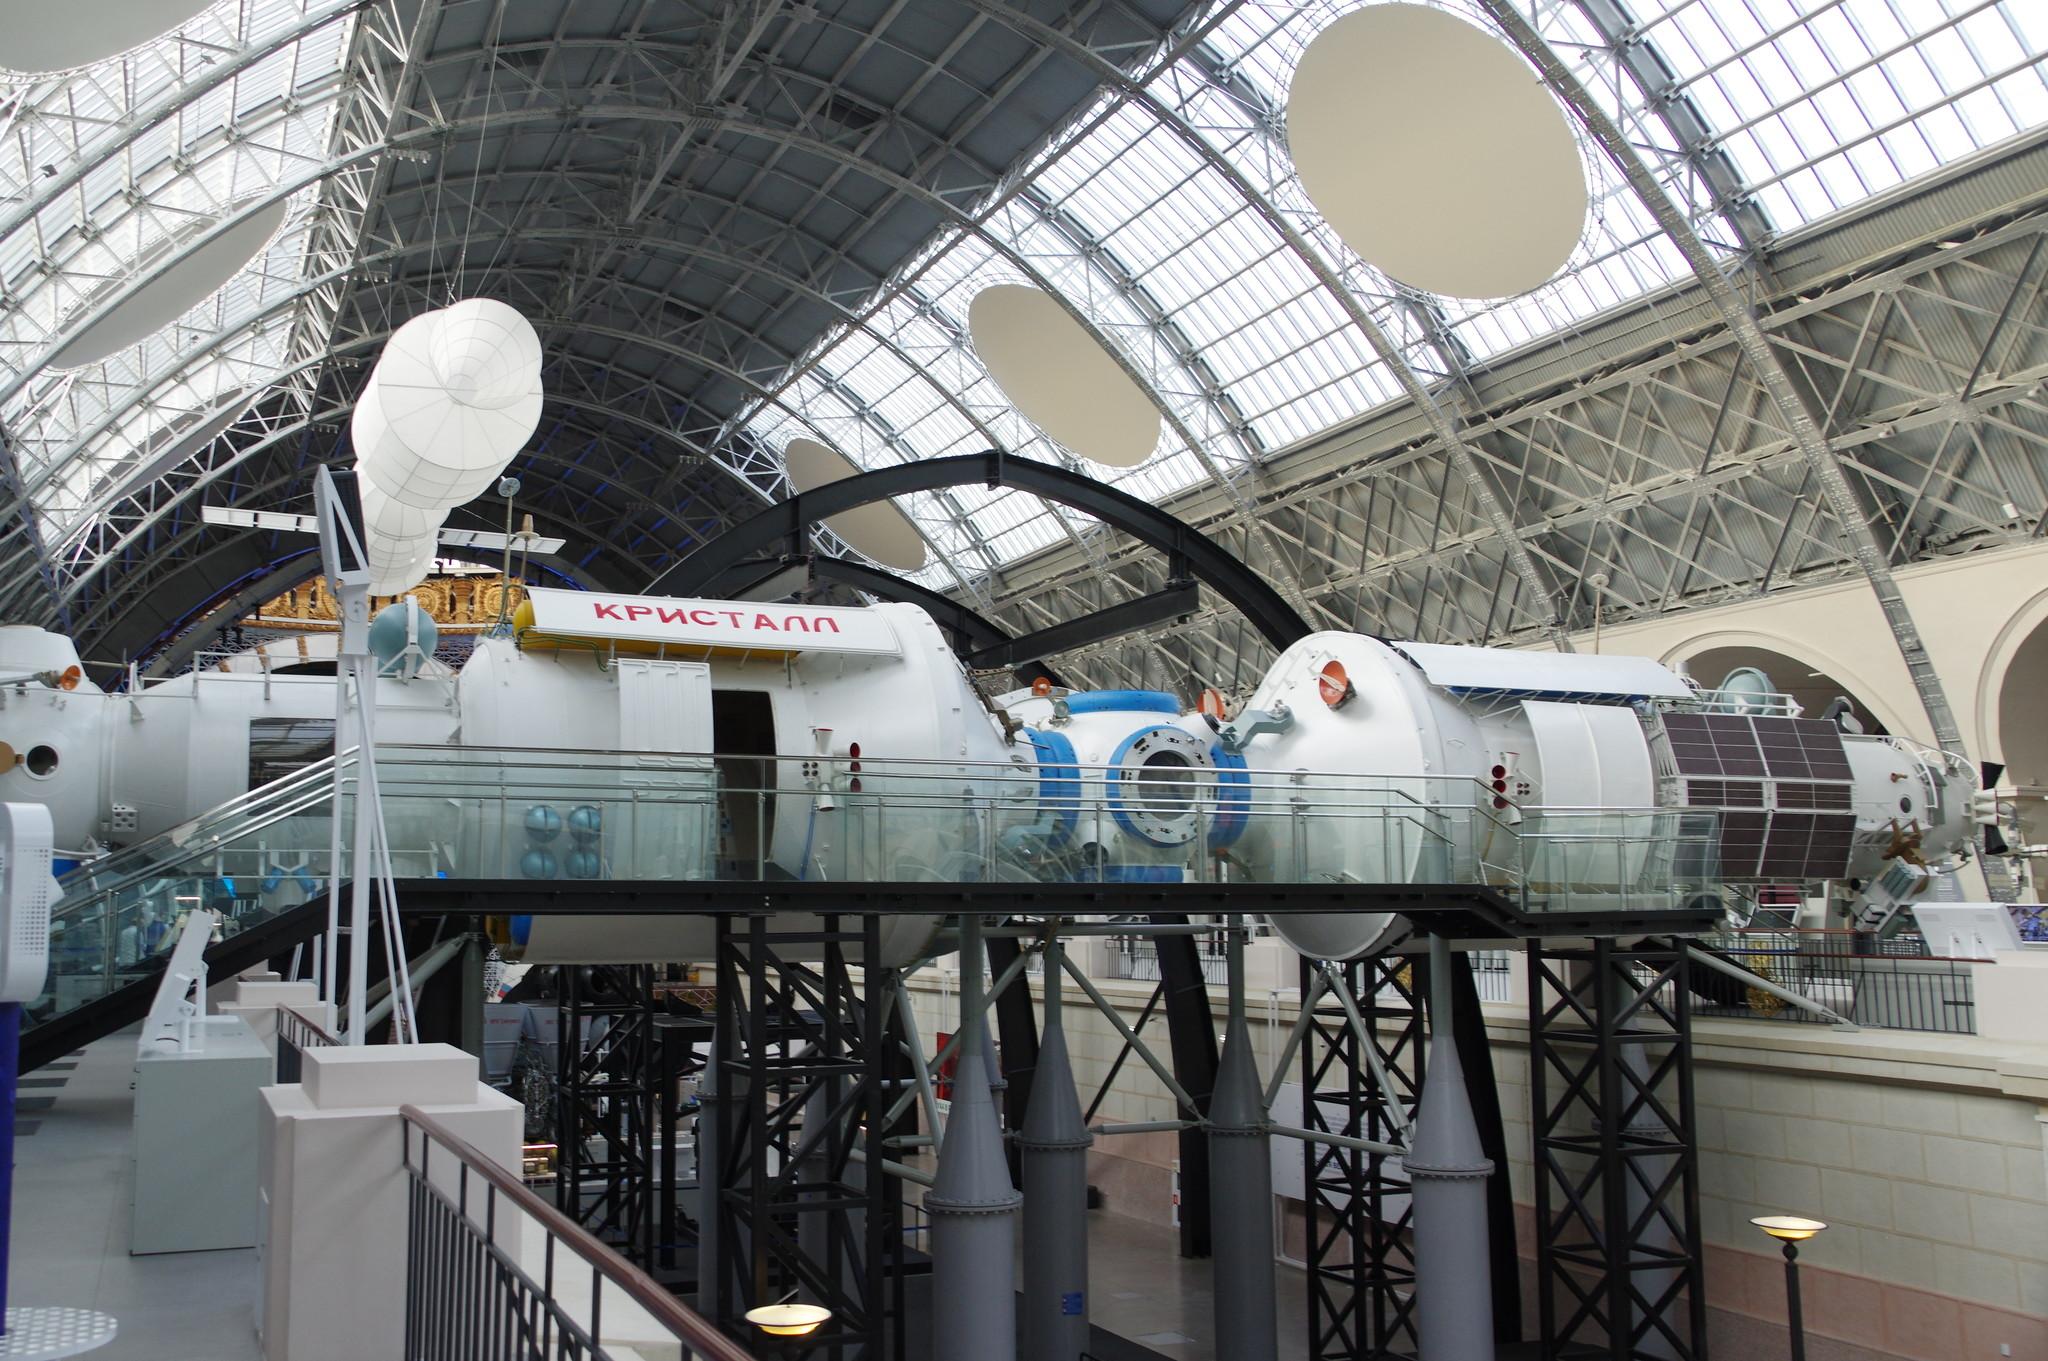 Пилотируемая научно-исследовательская орбитальная станция «Мир». Центр «Космонавтика и авиация» на ВДНХ